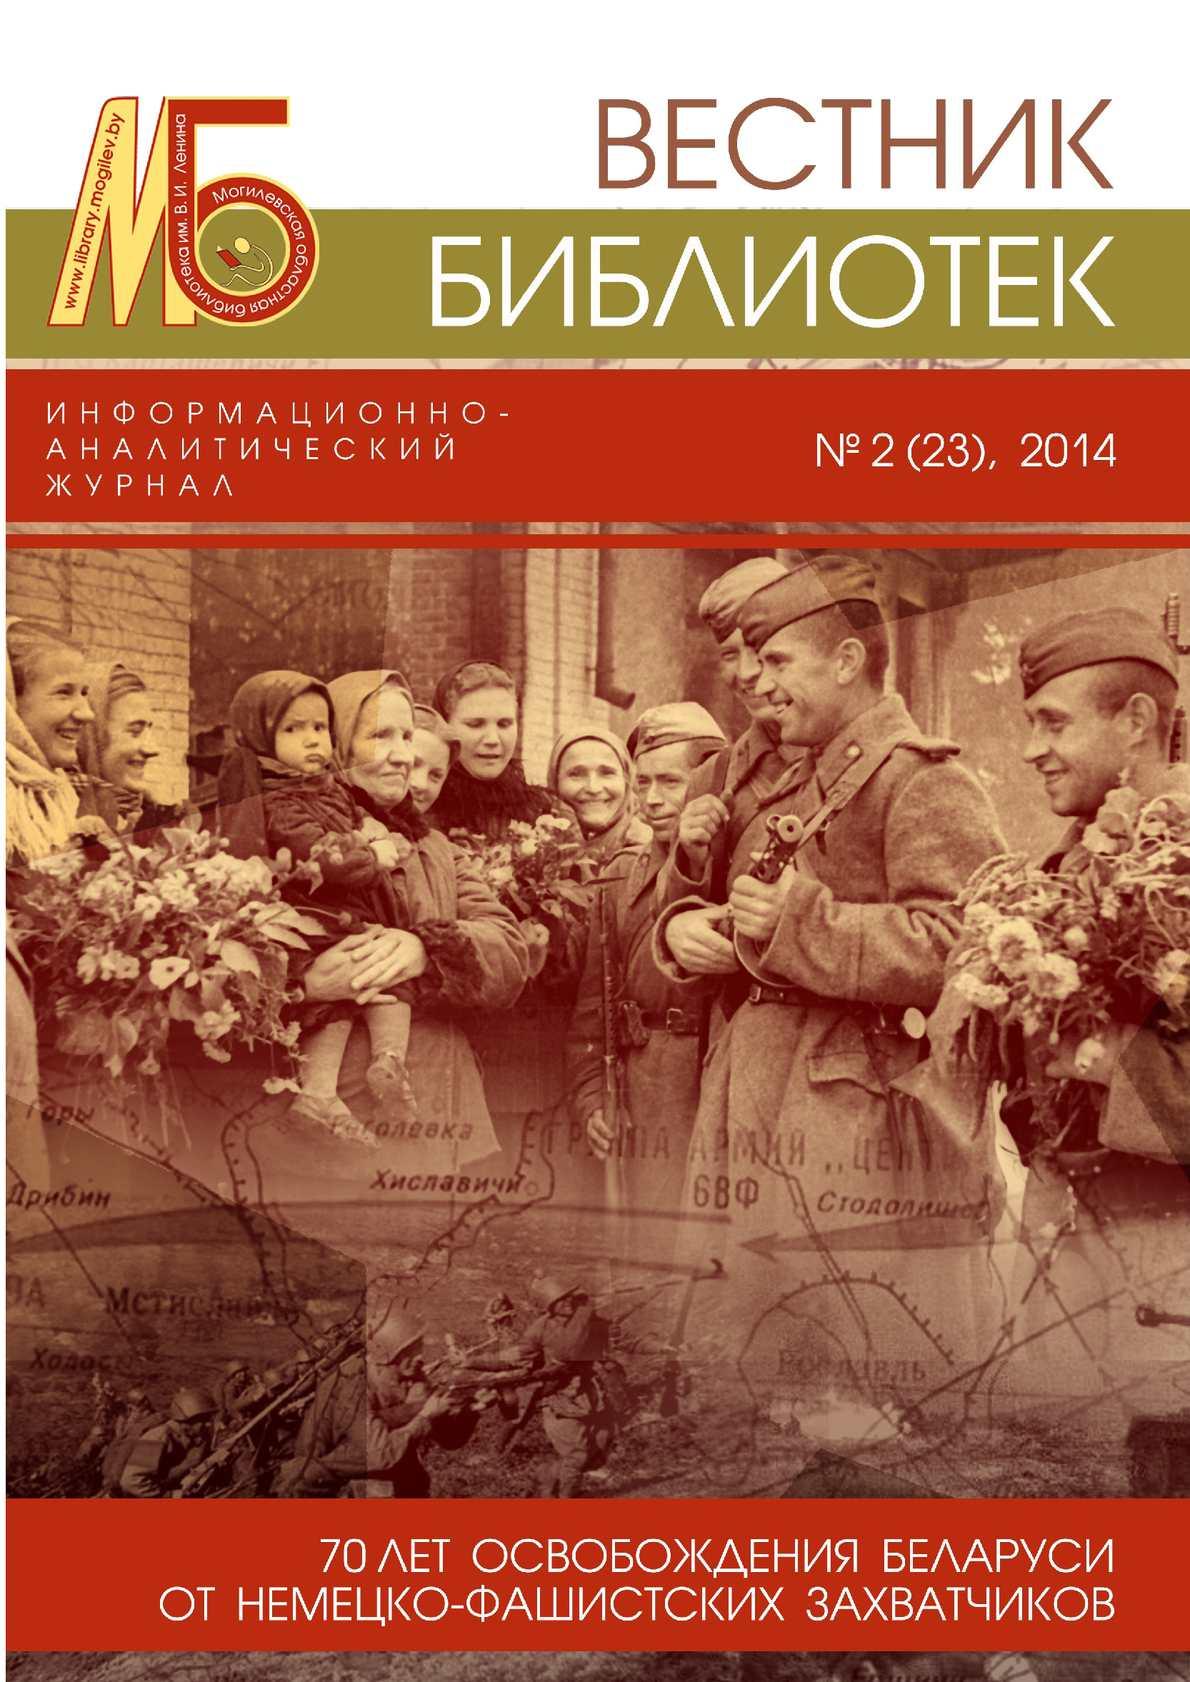 Вестник библиотек №2/2014 (23)